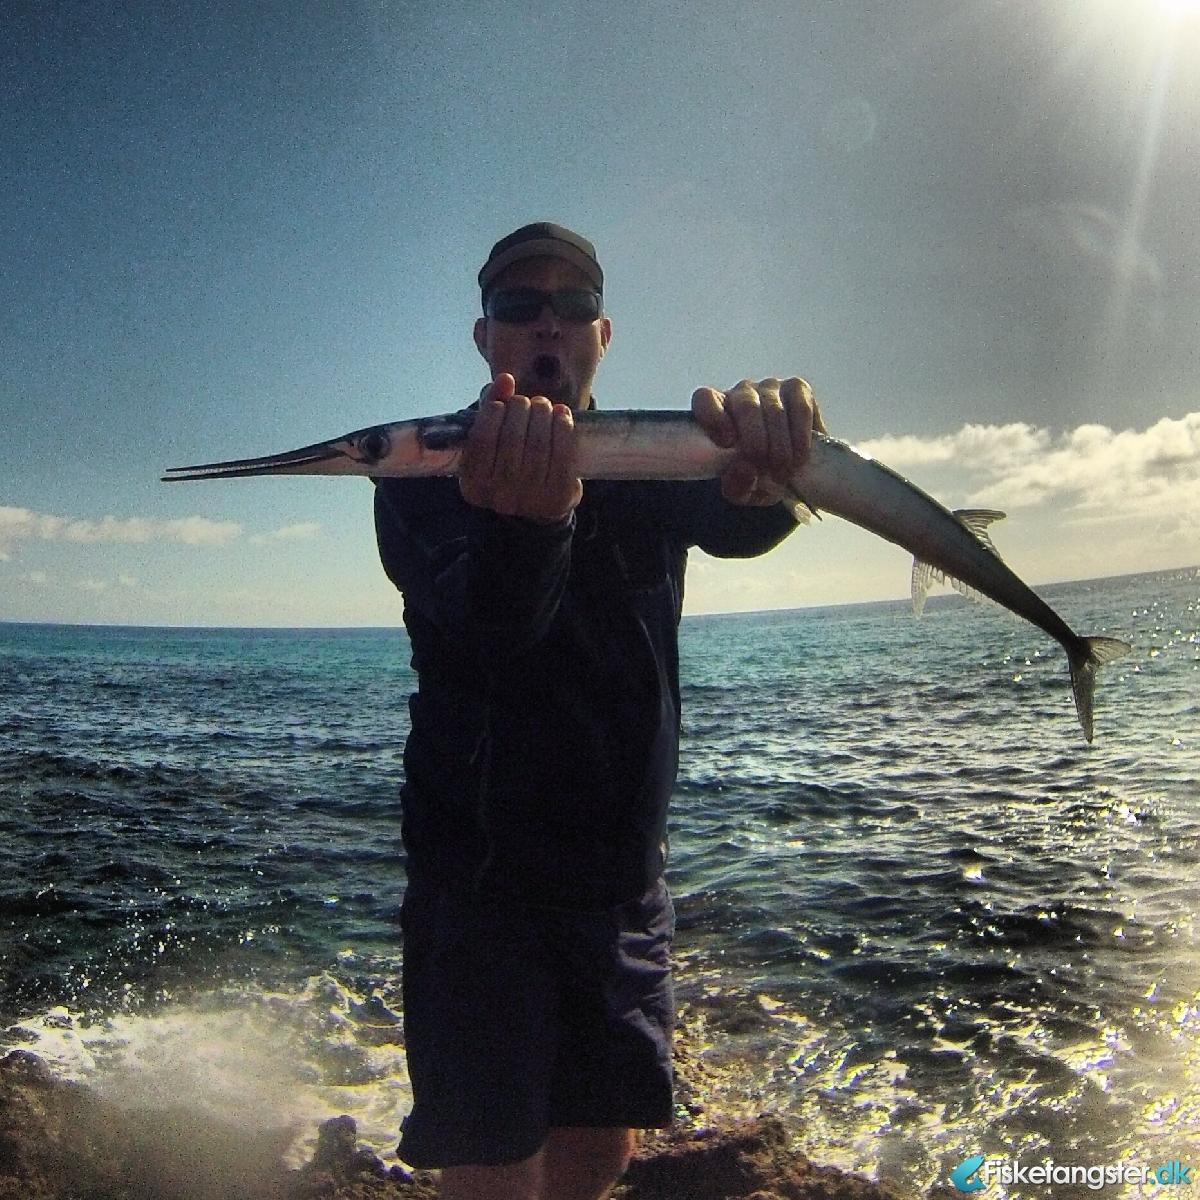 Hornfisk på 105 cm og 4.00 kg fra Fuerteventura(Corralejo), Udlandet -  fanget på Bombarda # 1729